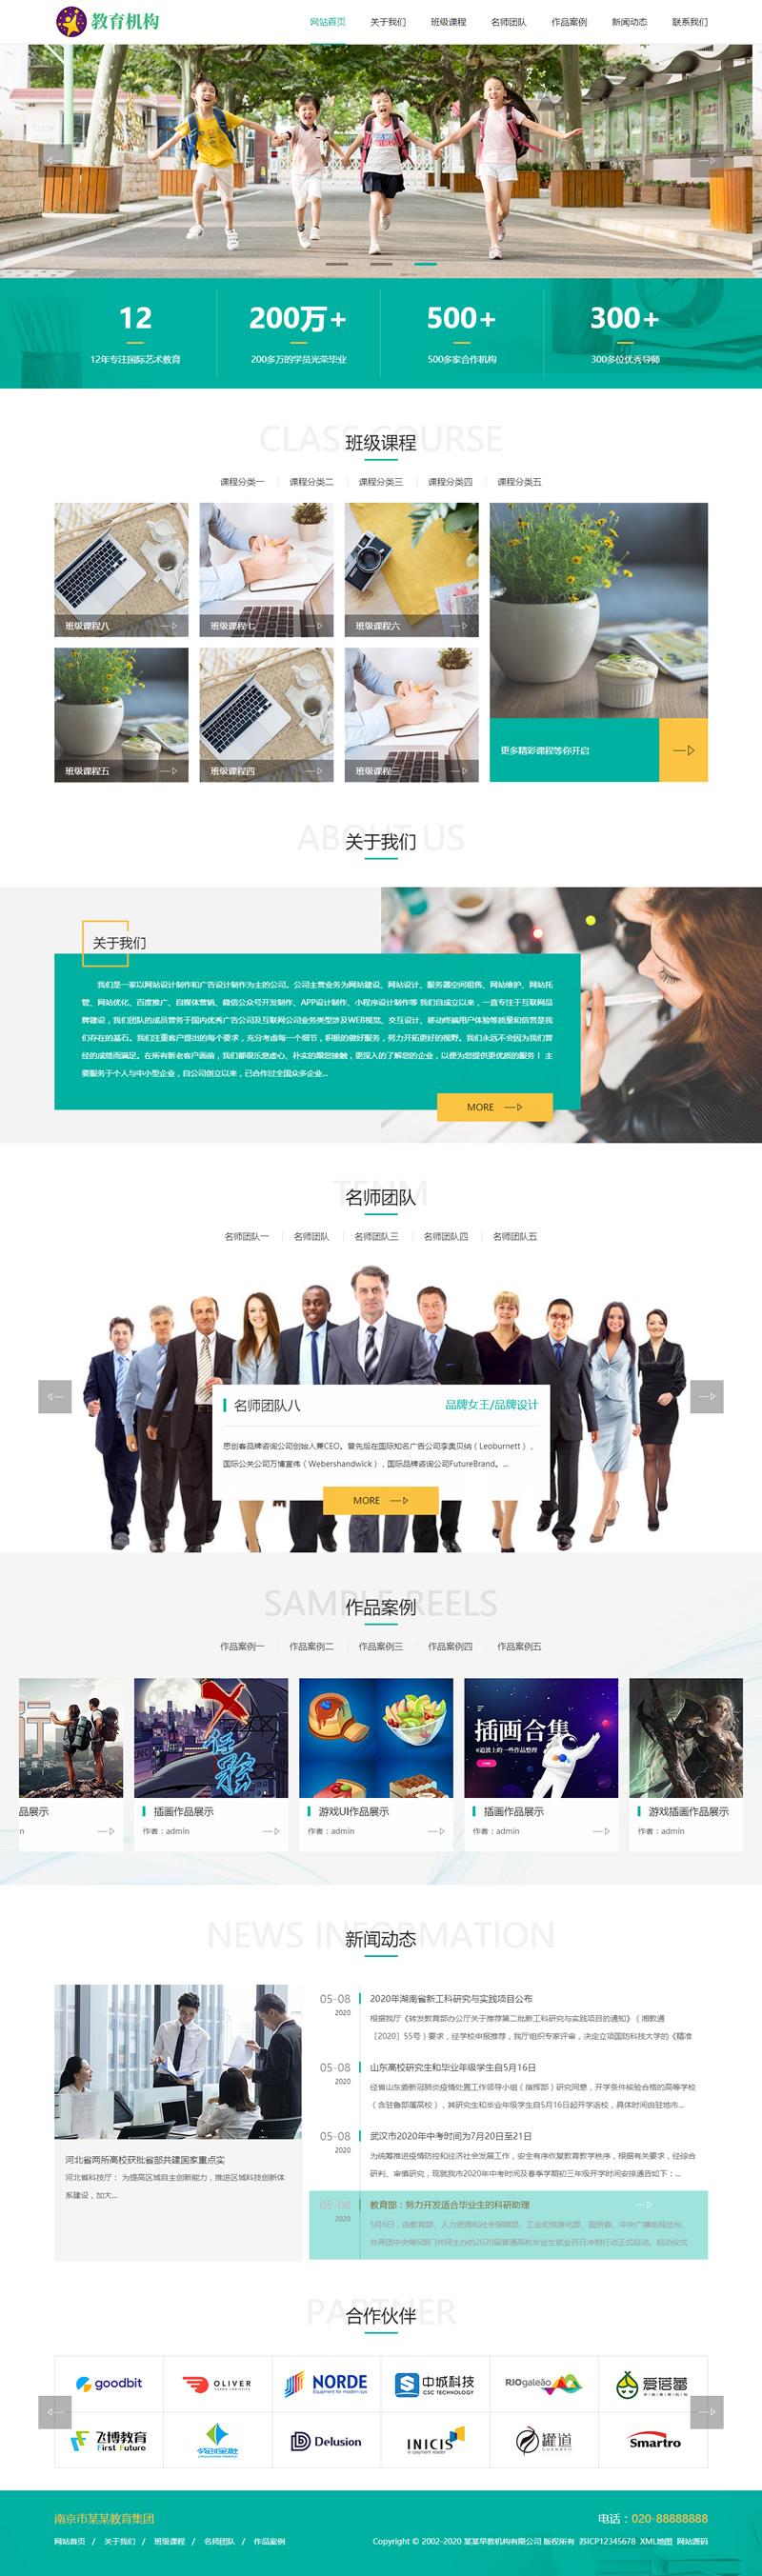 响应式中小学早教教育机构类网站源码 HTML5教育培训机构网站织梦模板 自适应手机版